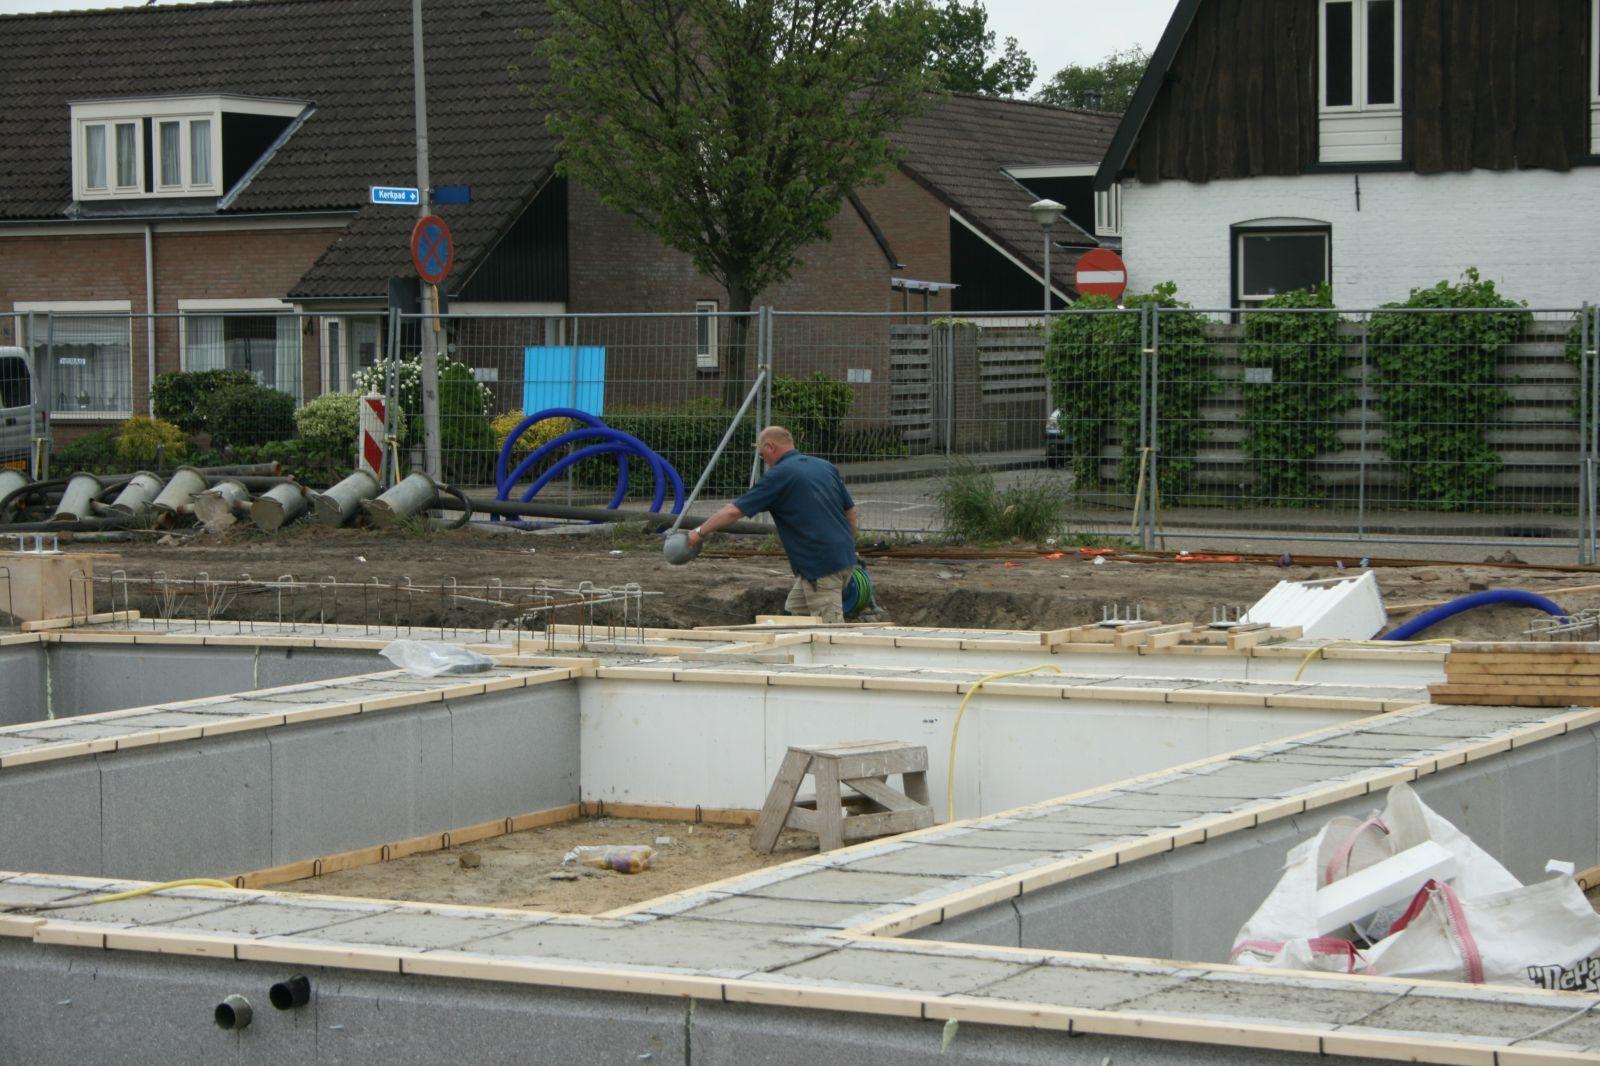 Contouren appartementen Peperkampweg in Delden zichtbaar – Foto's online